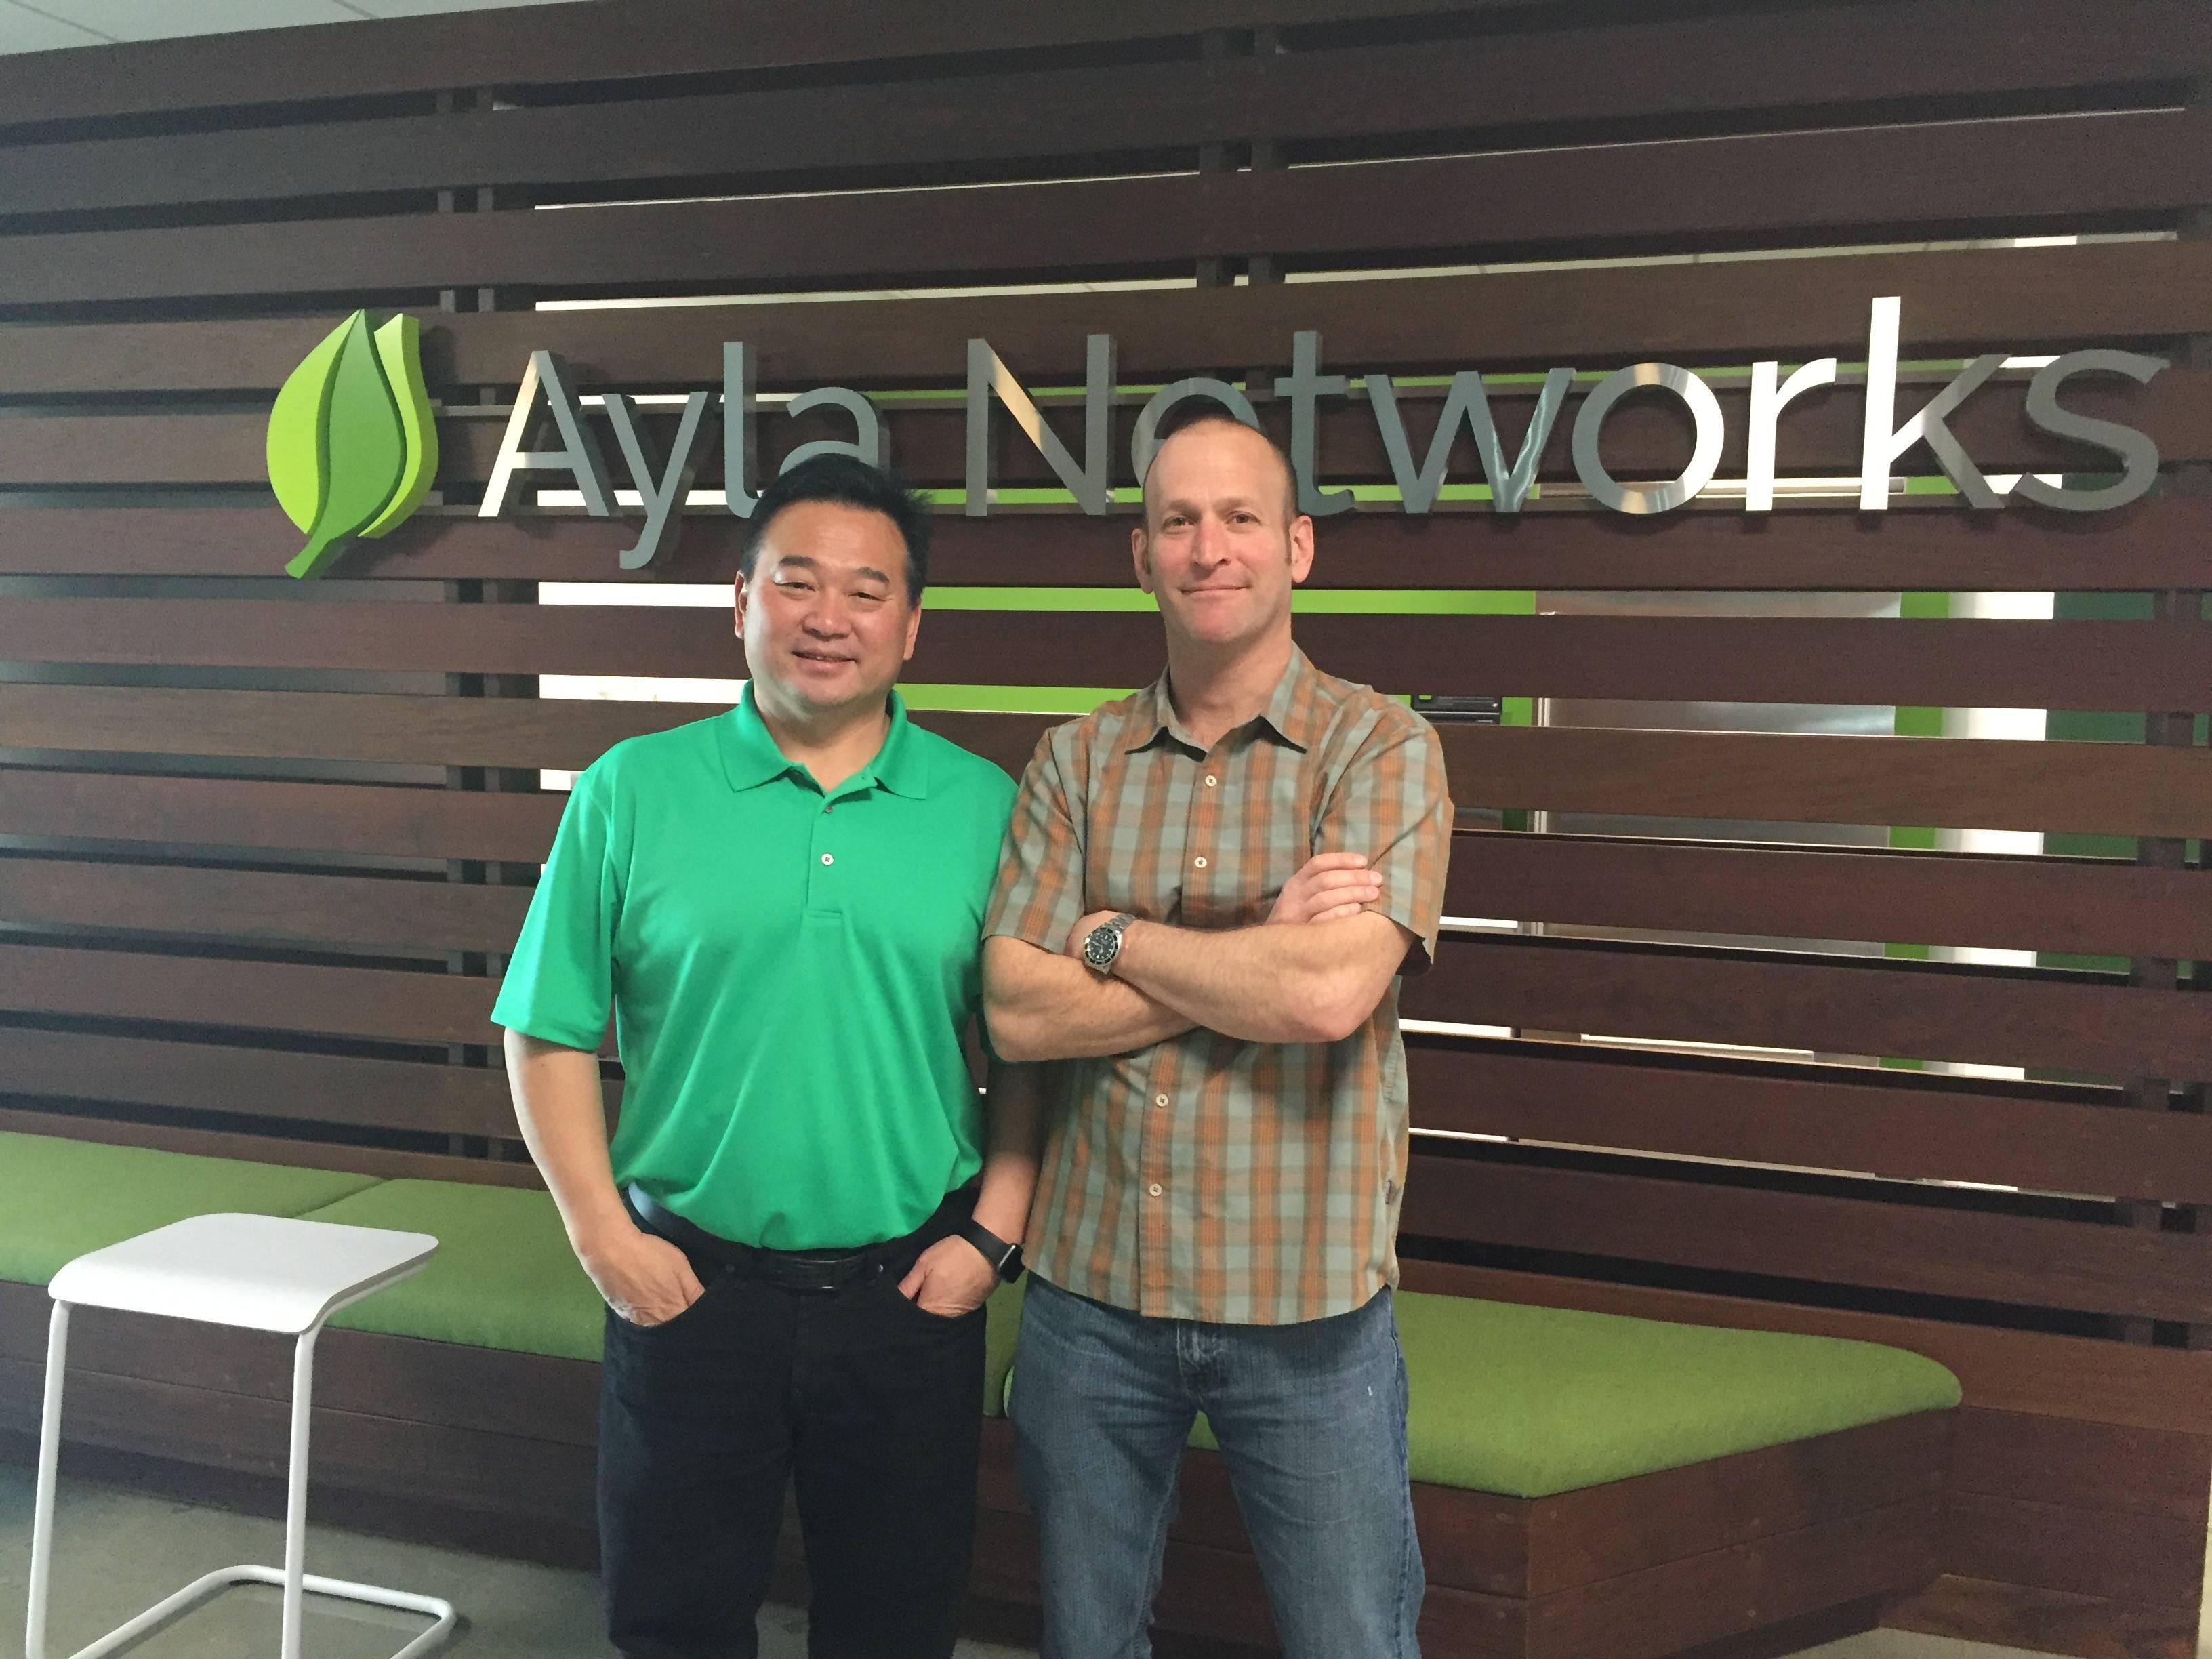 右:靠红洋葱当上CEO的David; 左:因为吃了一口洋葱丢掉CEO的张南雄